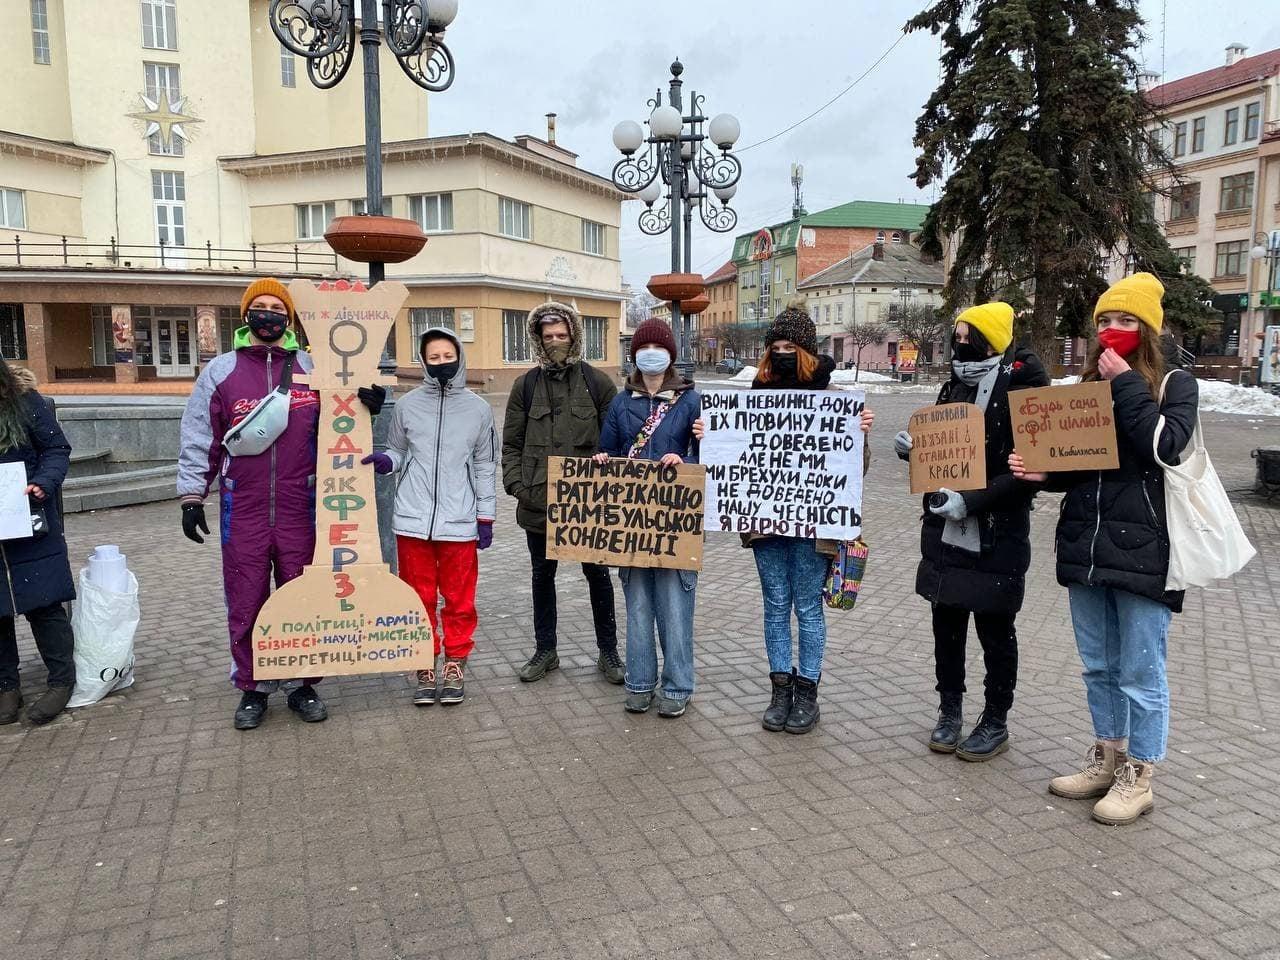 У Франківську небайдужі з плакатами вийшли за права жінок – не обійшлося без суперечок (ФОТО)